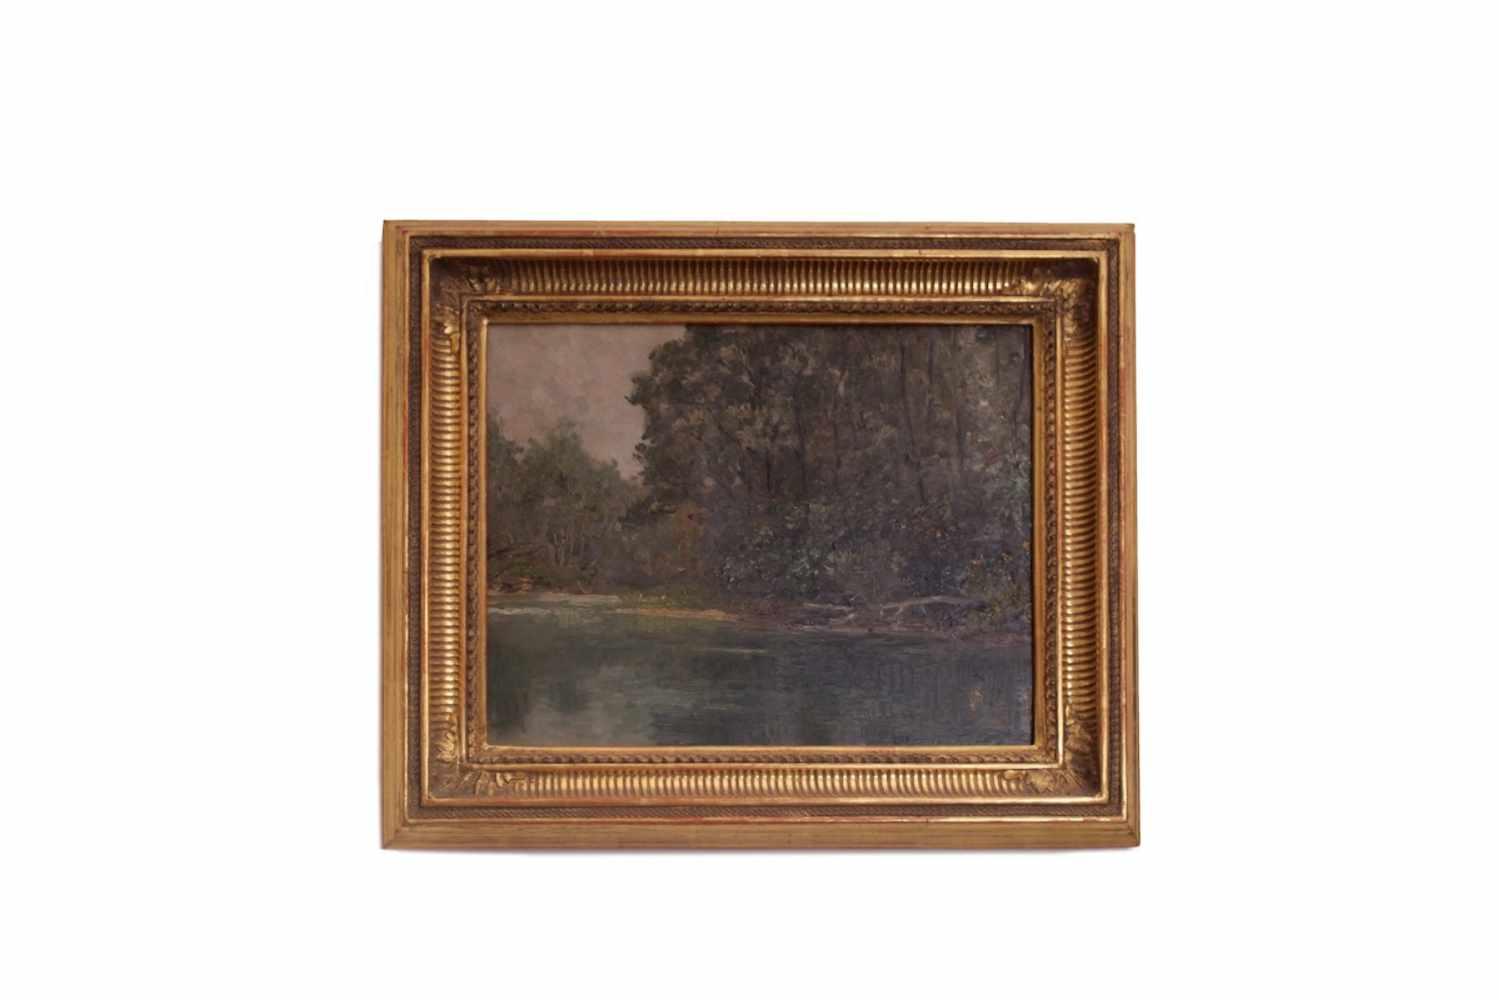 SOMMERLANDSCHAFT Kleines Sommerlandschaftsbild, Öl auf Holz, 33 x 28 cm, in blattvergoldetem